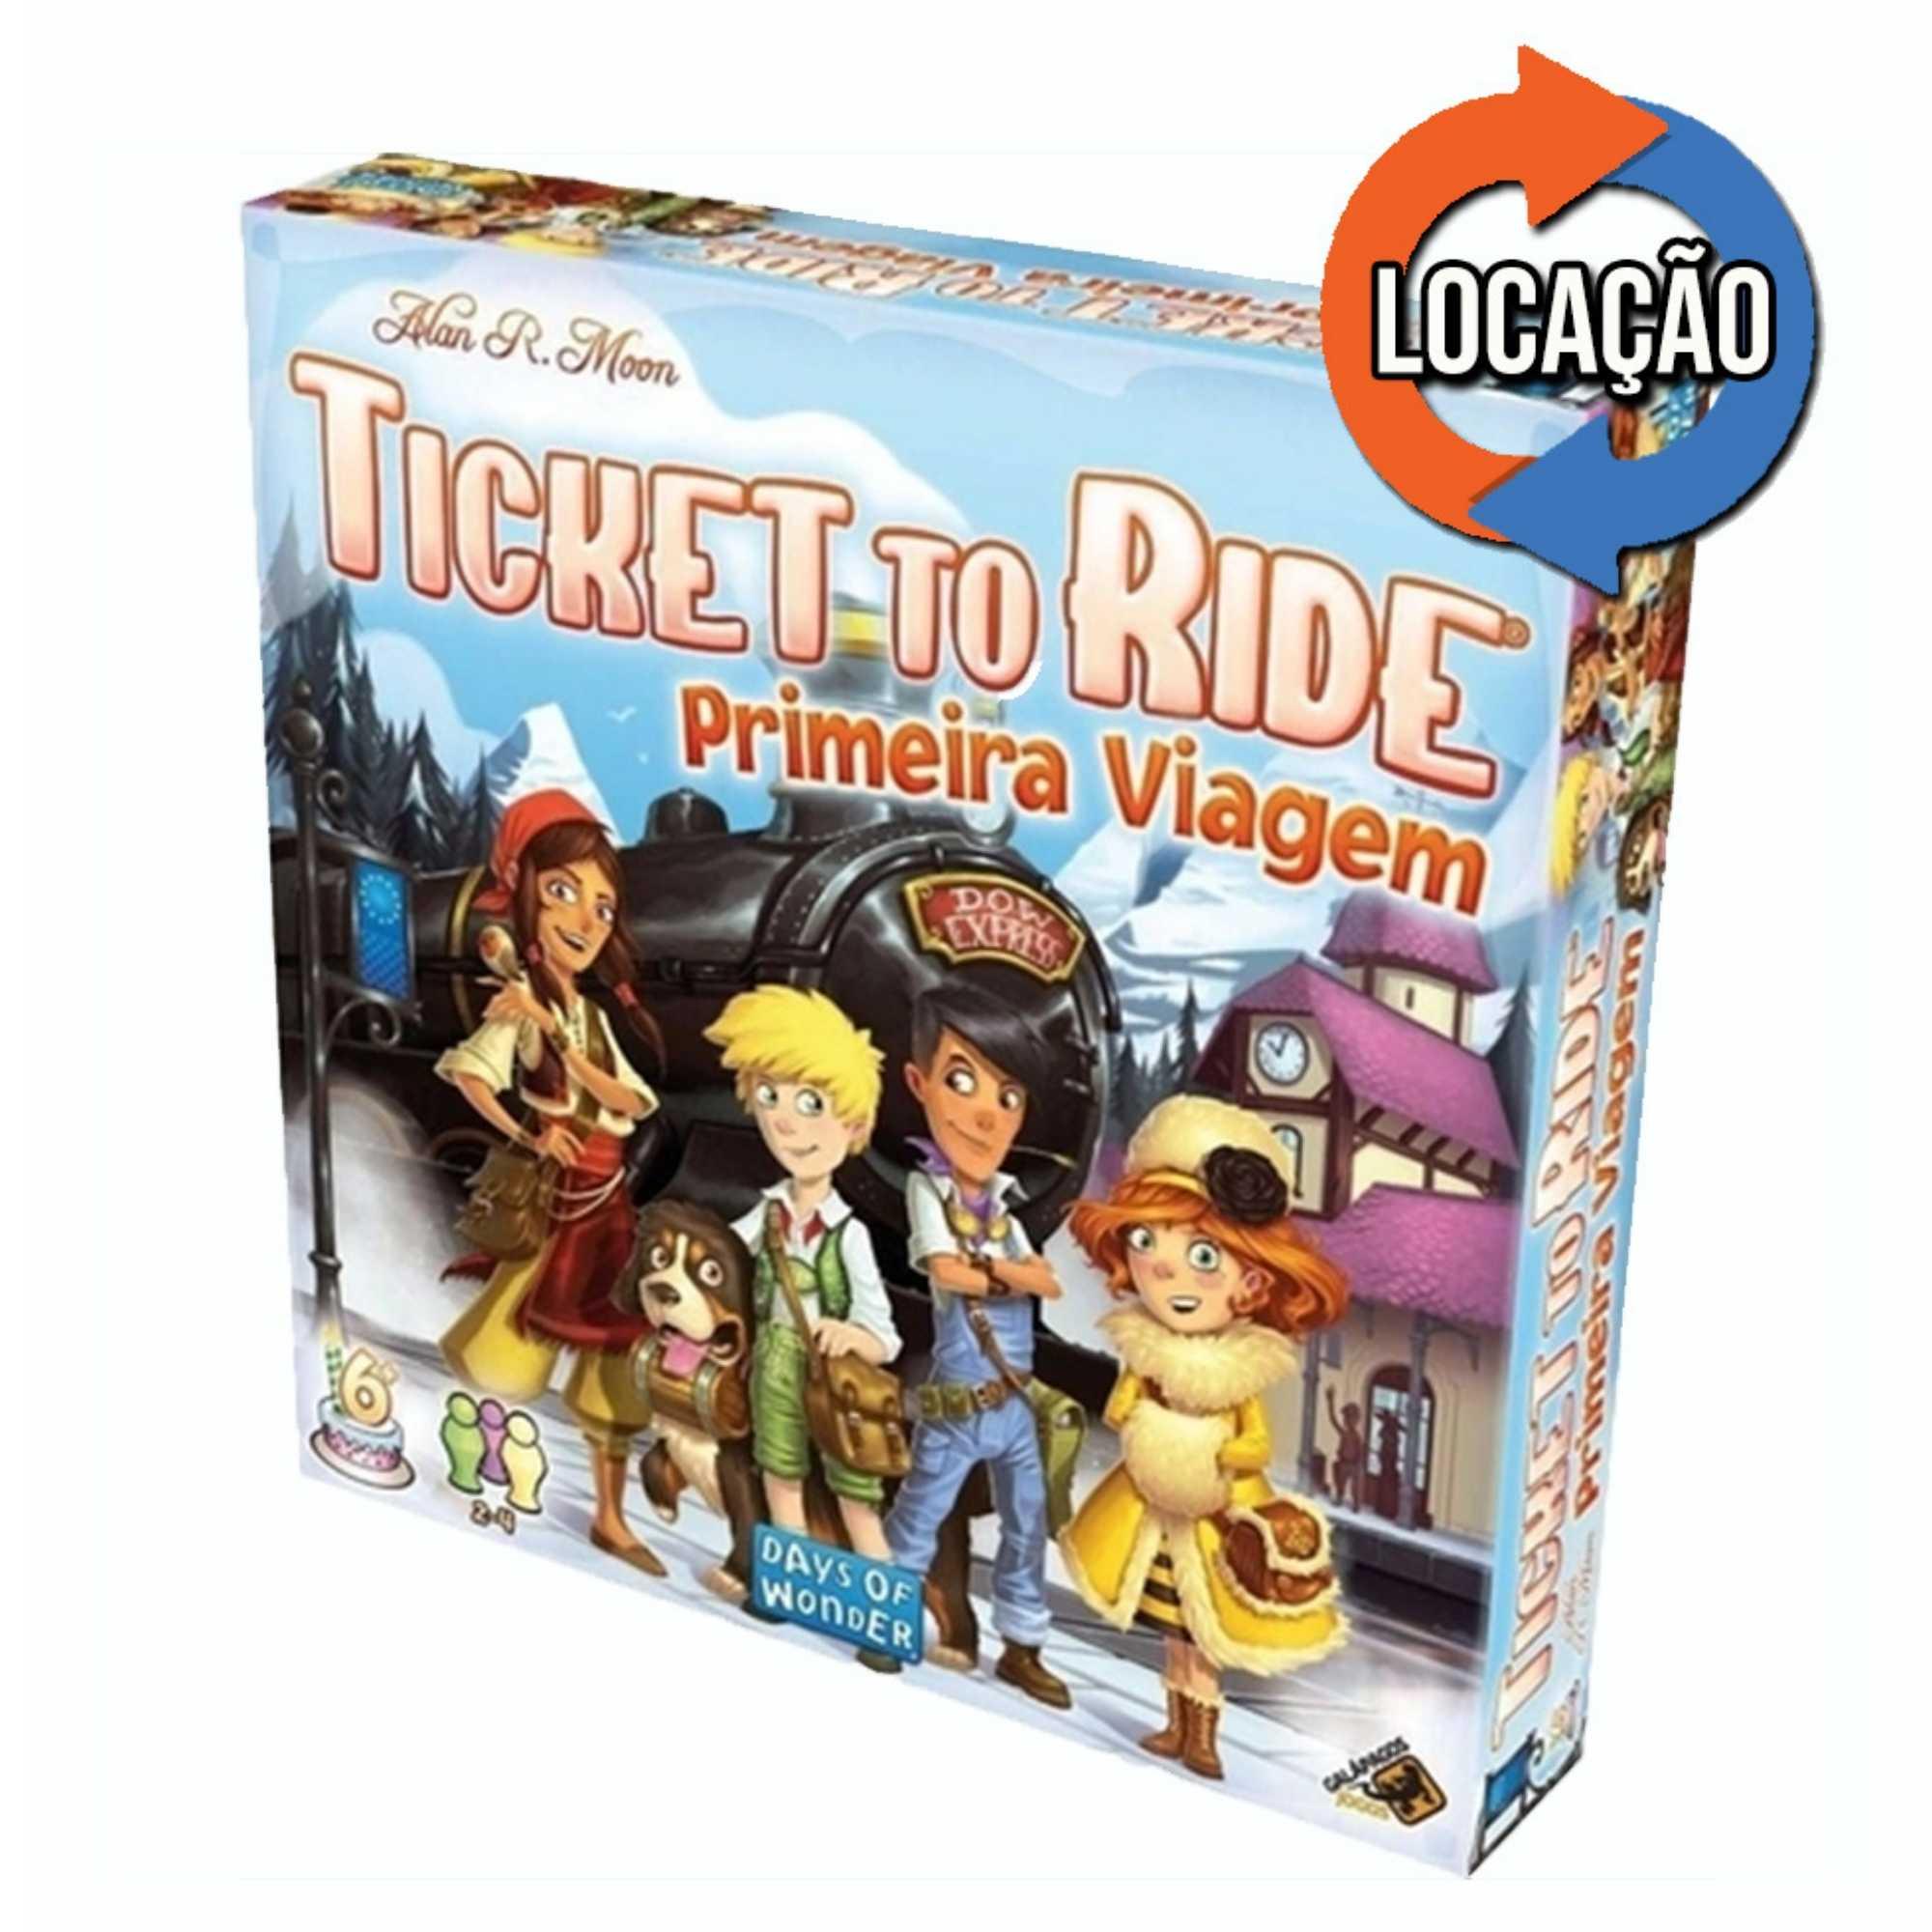 Ticket to Ride: Primeira Viagem (Locação)